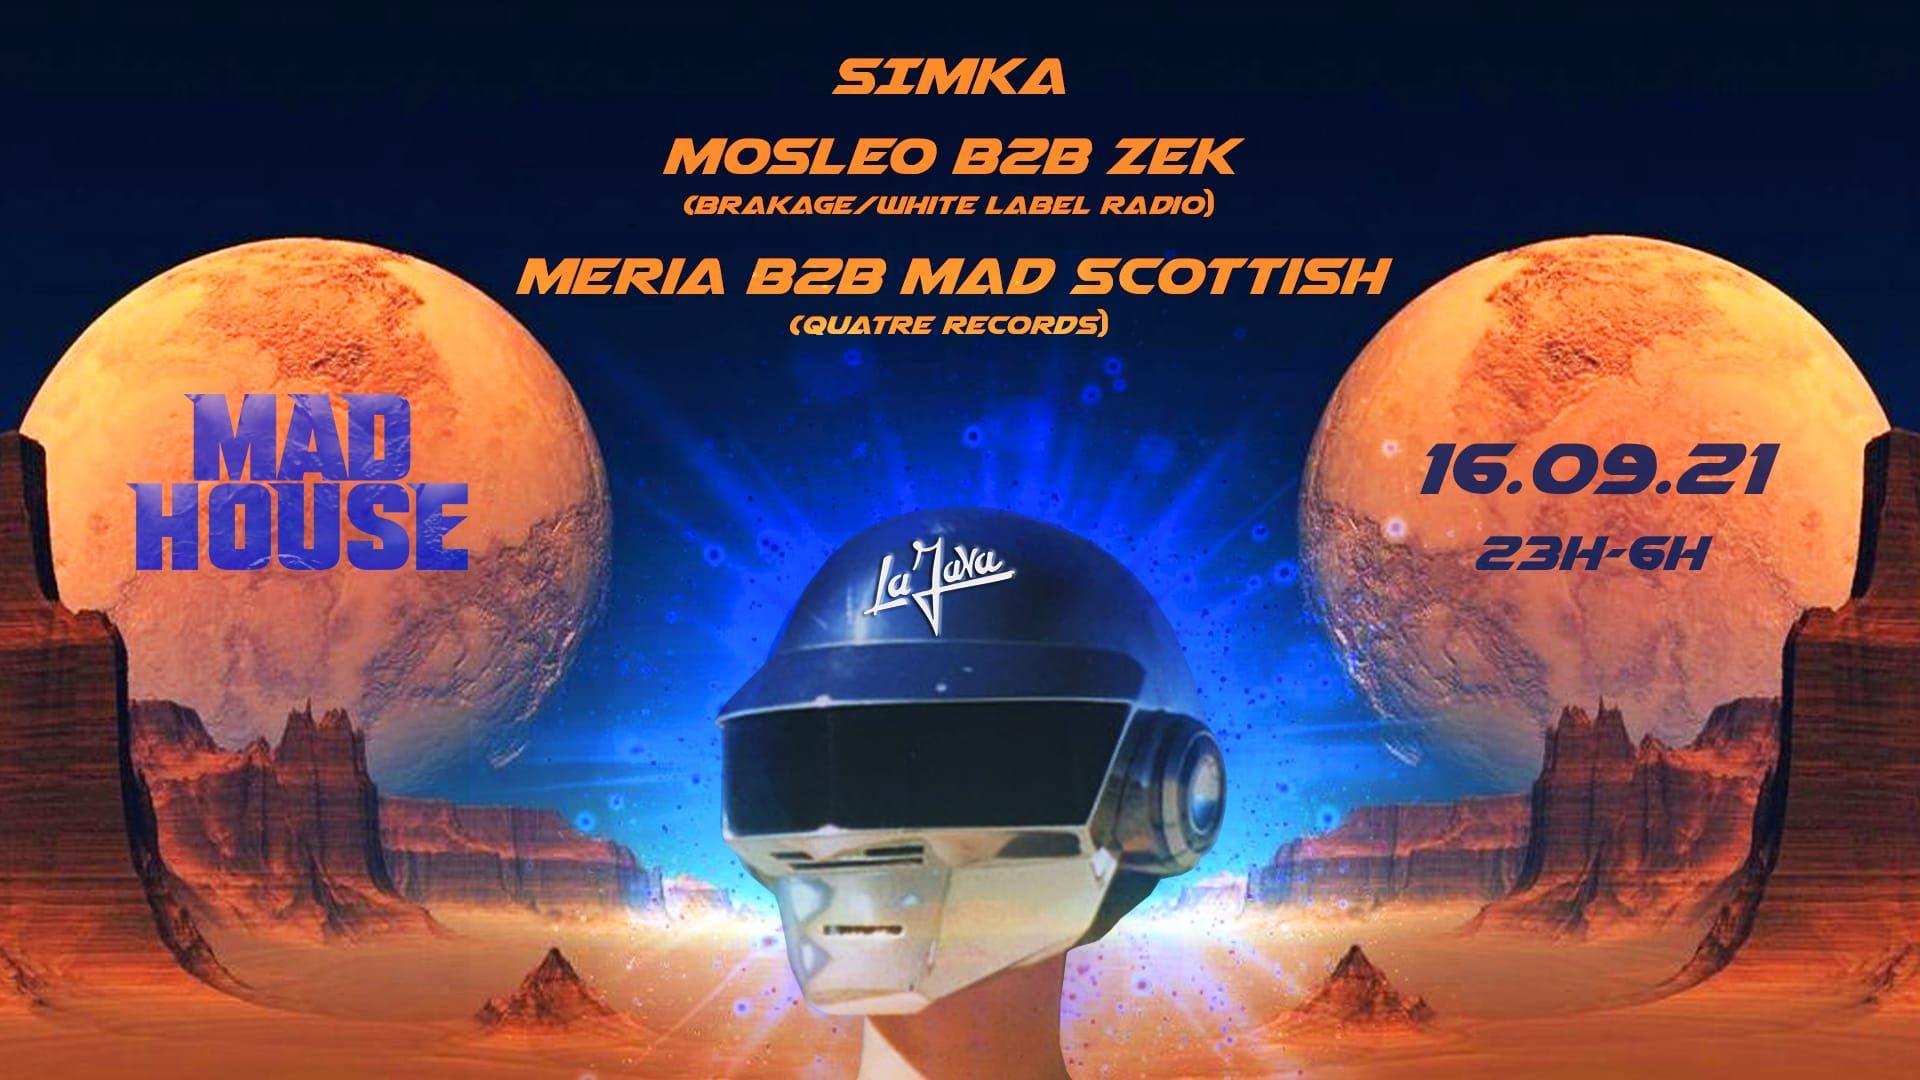 Mad House - La Java : Simka / Mosleo B2B ZEK / Quatre Records